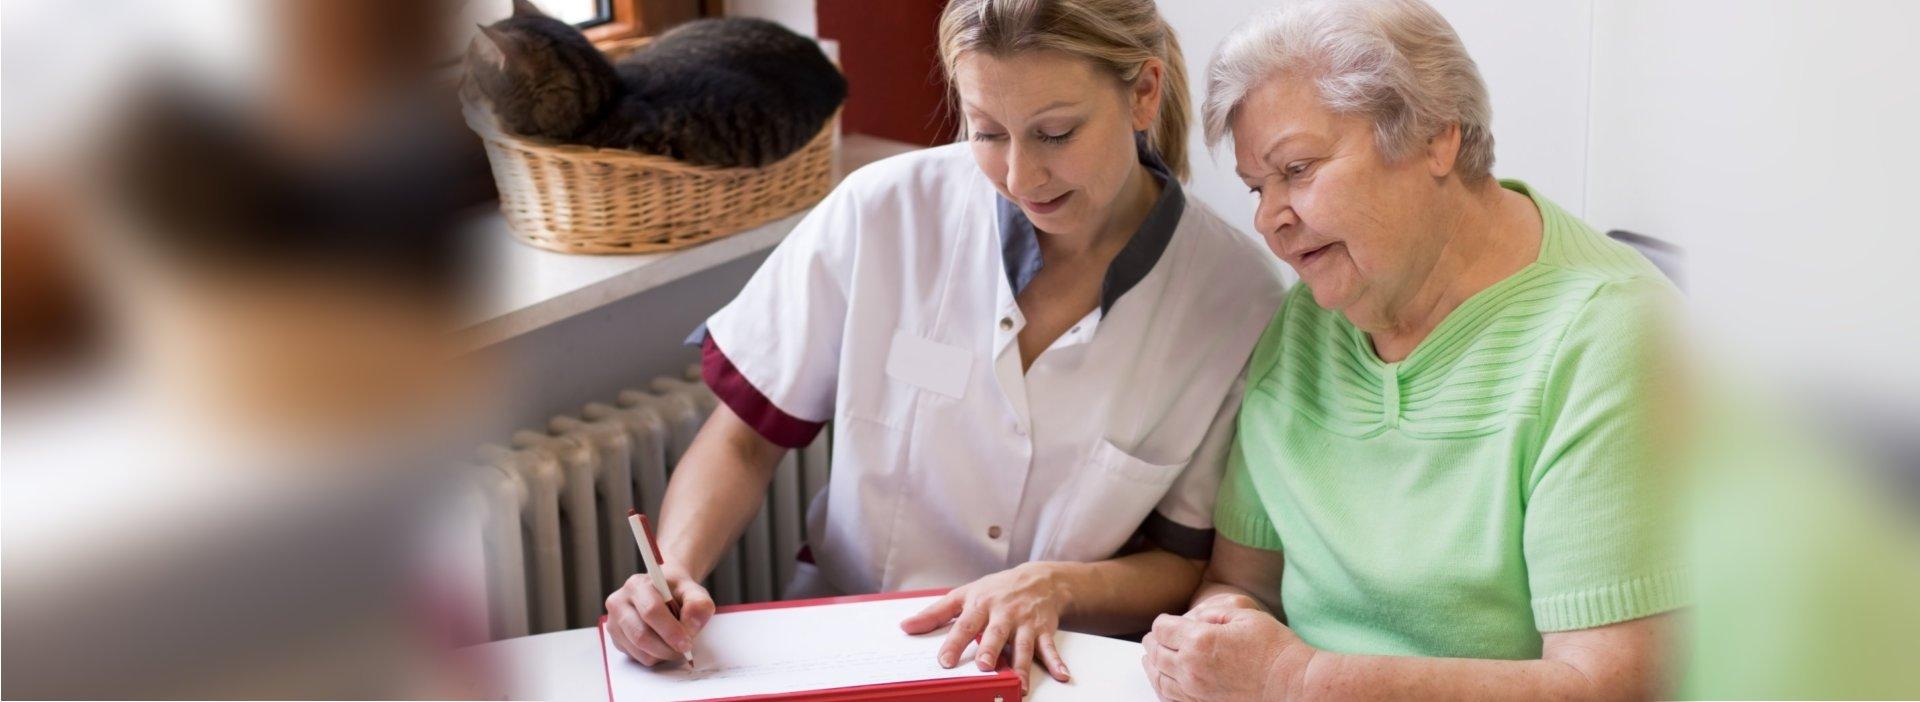 caregiver teaching an elderly woman